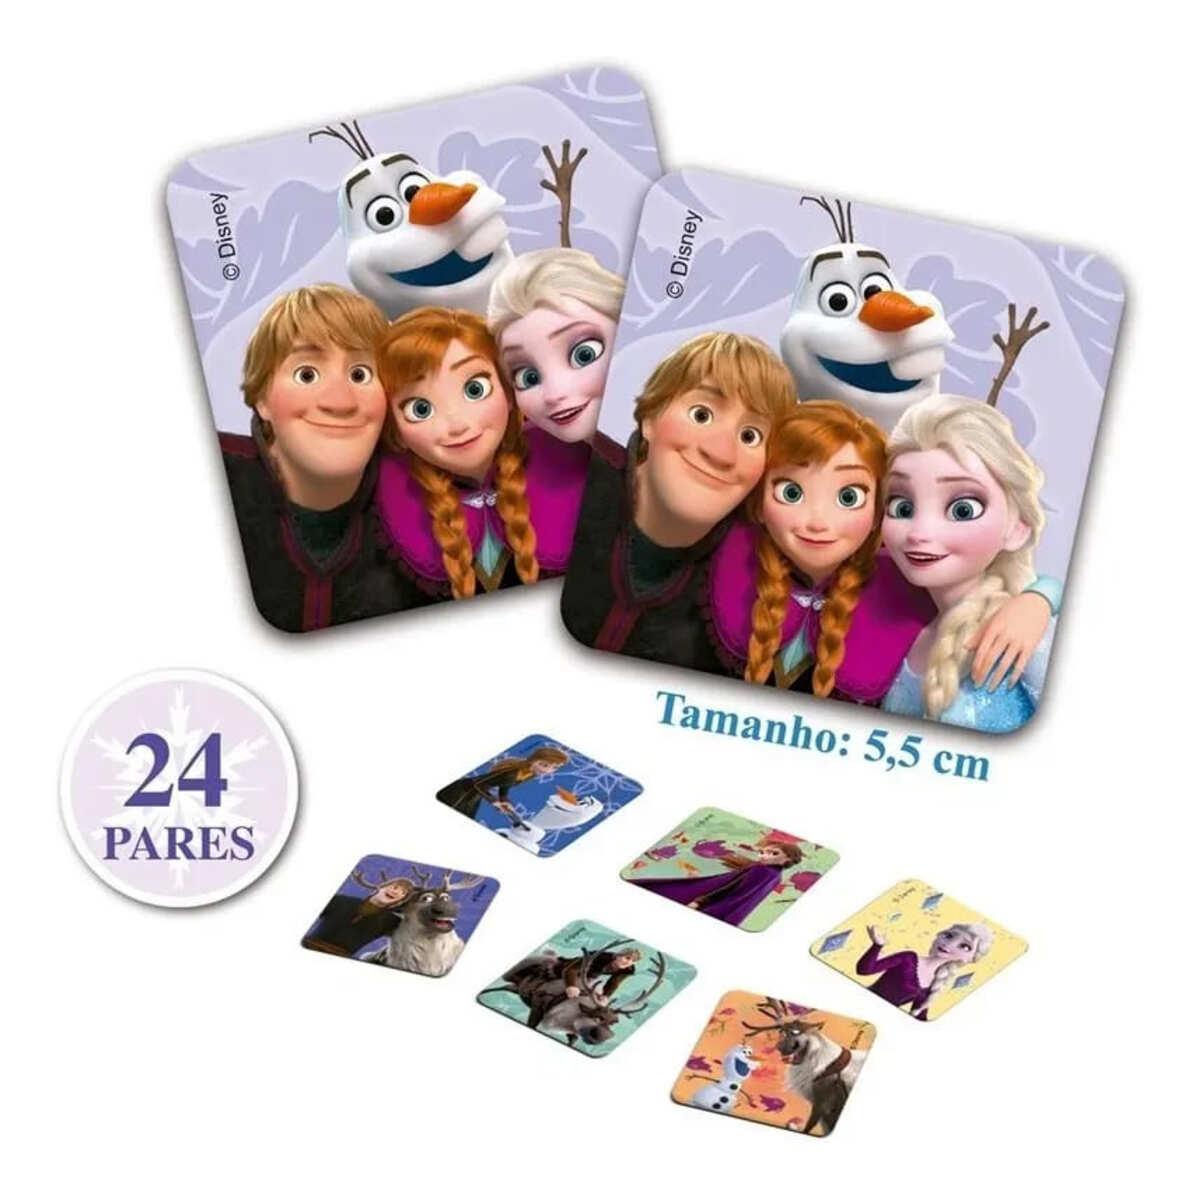 Jogo da Memoria Disney Personagens Infantil Educativo Toyster hasbro